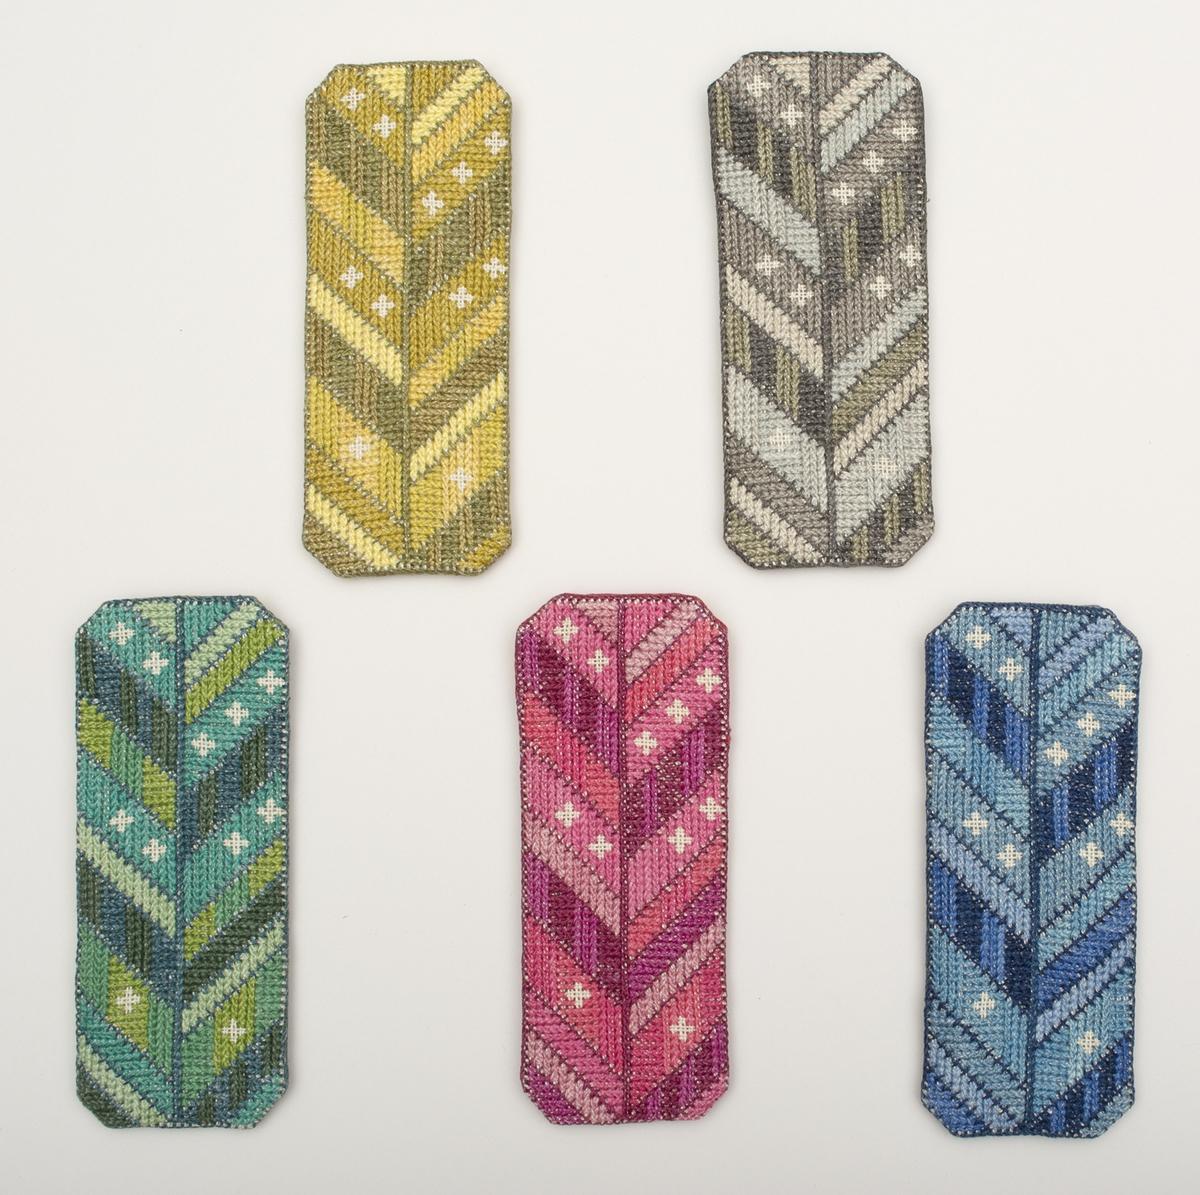 """Fem glasögonfodral, broderade med tvistsöm och korsstygn på linneväv på båda sidorna, fodrade med linne, infärgat i passande färg. Styvnad av """"skärpinläggnings-band"""". Motiv med lodrät rand, snett uppåtgående diagonaler från denna på båda sidor. Stjärnor framträder där linnebotten framträder d v s obroderade partier. Olika färgställningar: en rosa, en grön, en gul, en grå och en blå. Se också väska KLH.A7:694."""